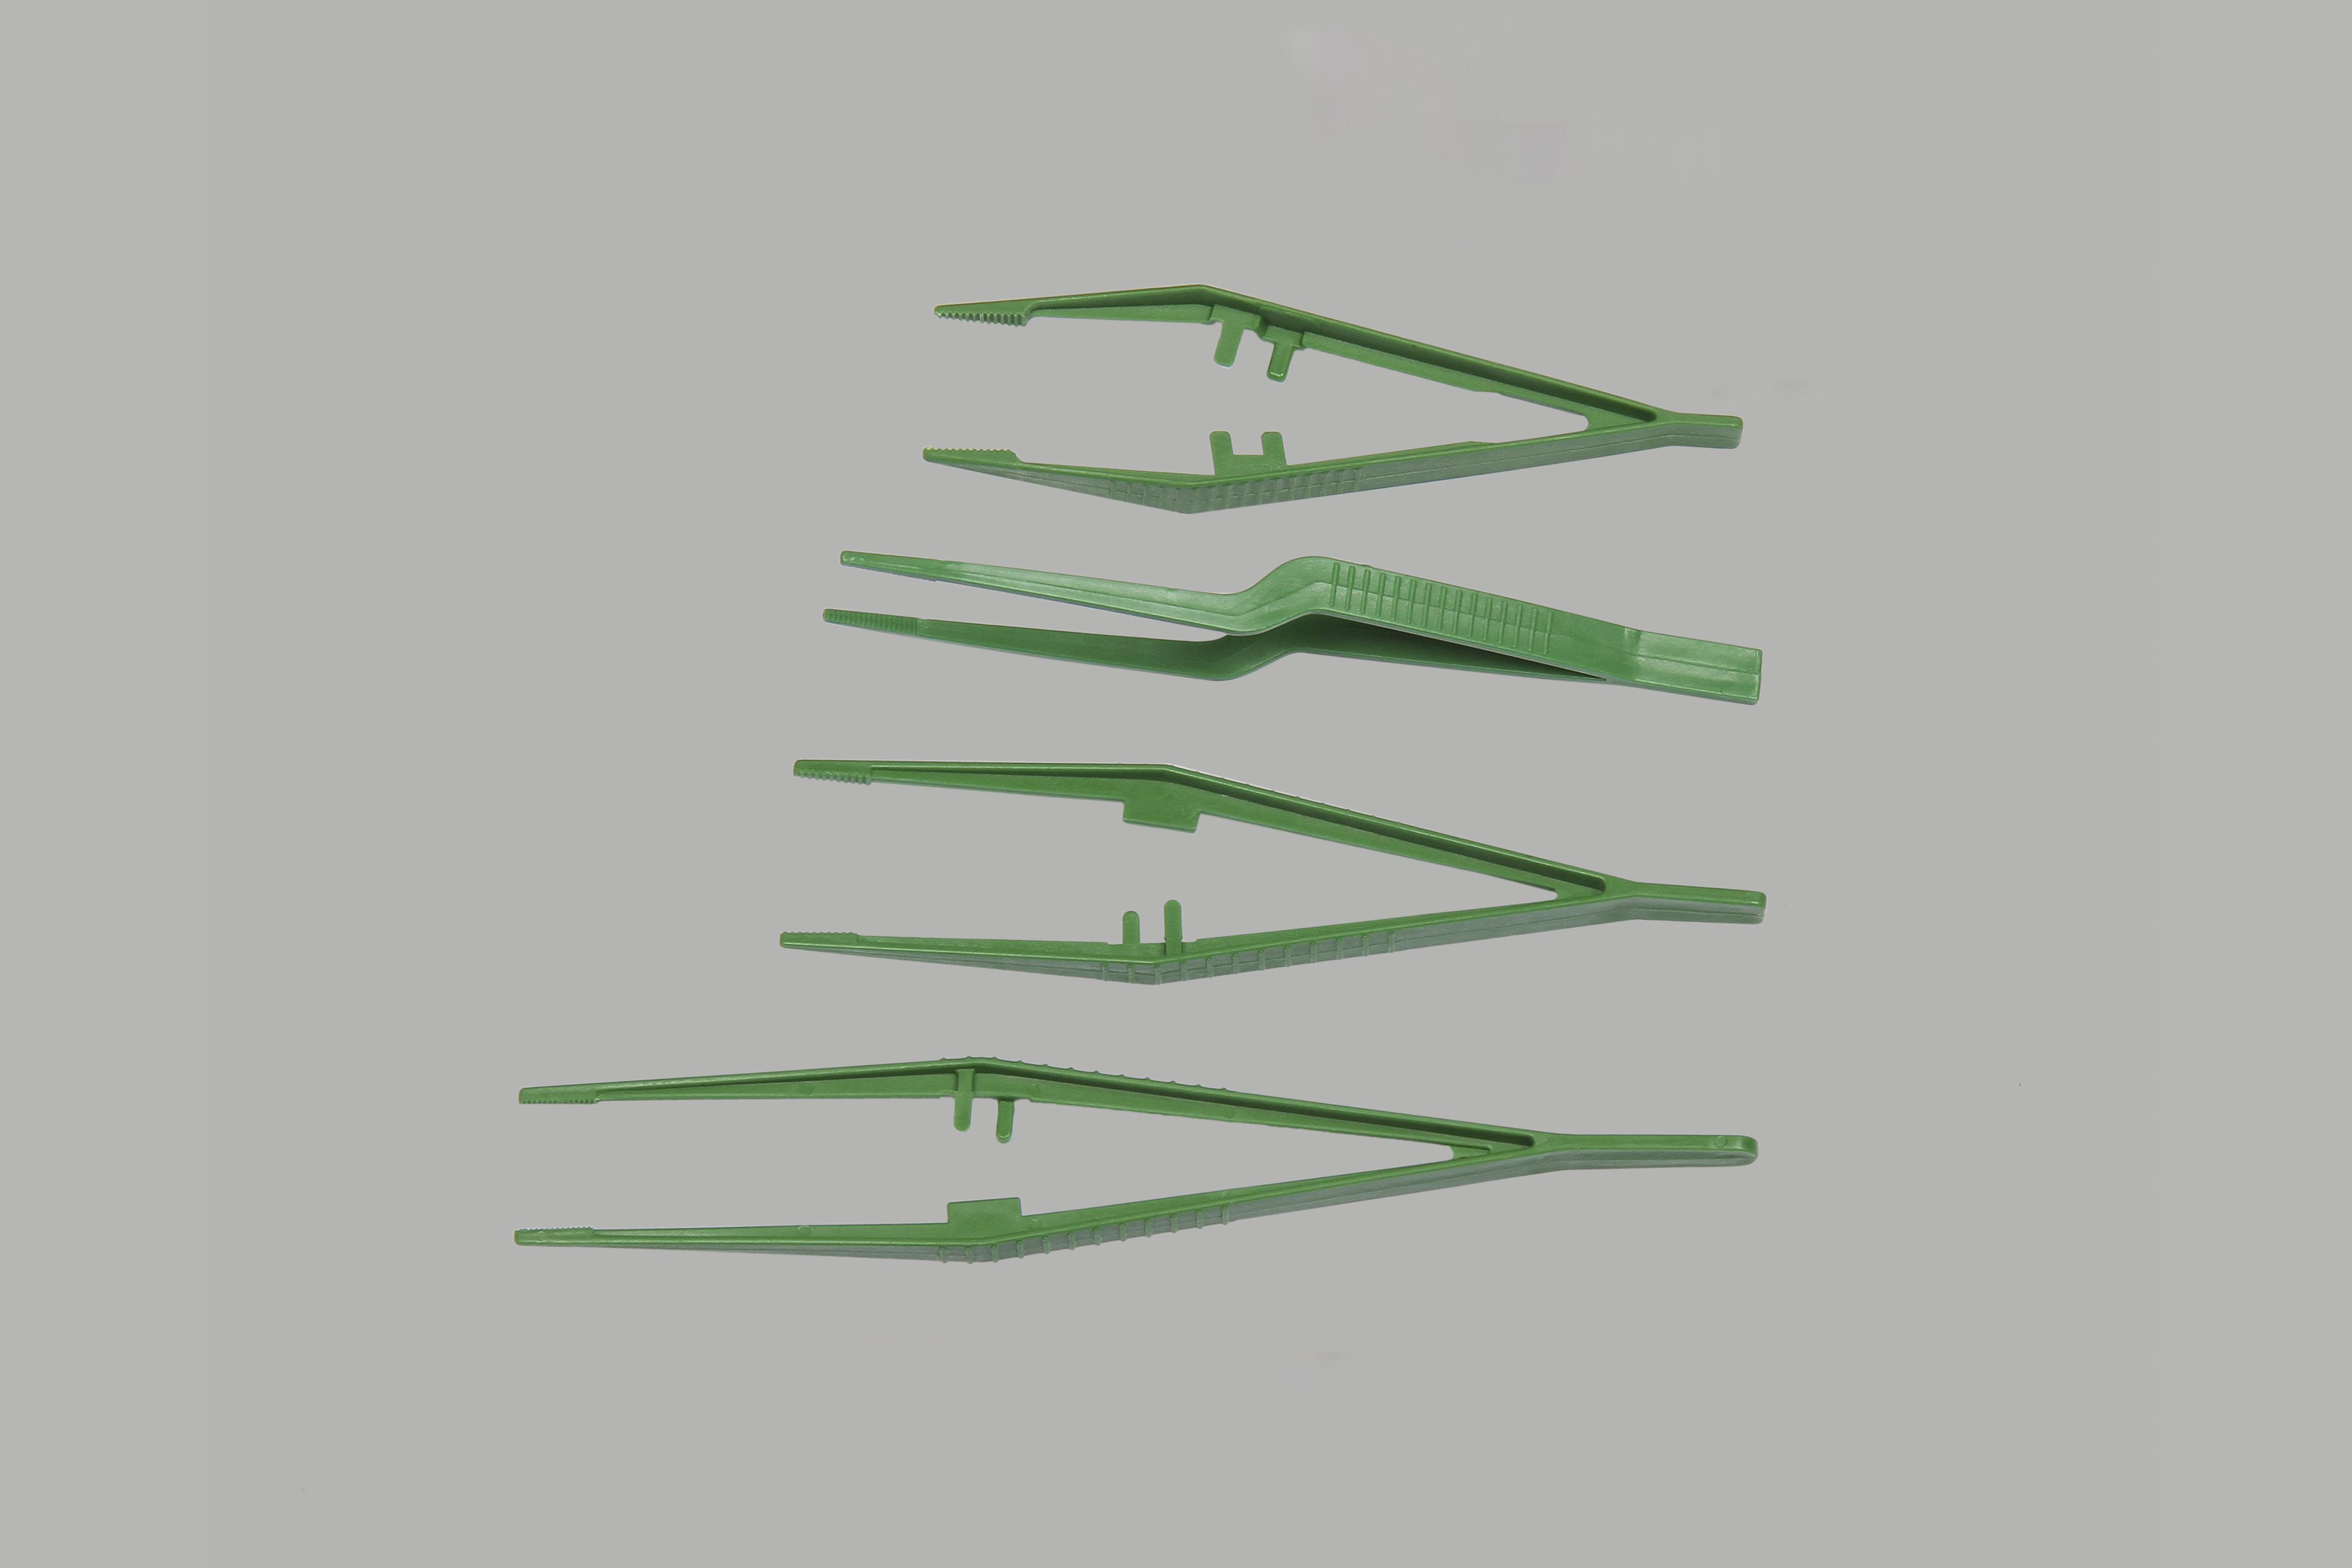 Пинцет одноразовый стерильный, дл. 12,5 см